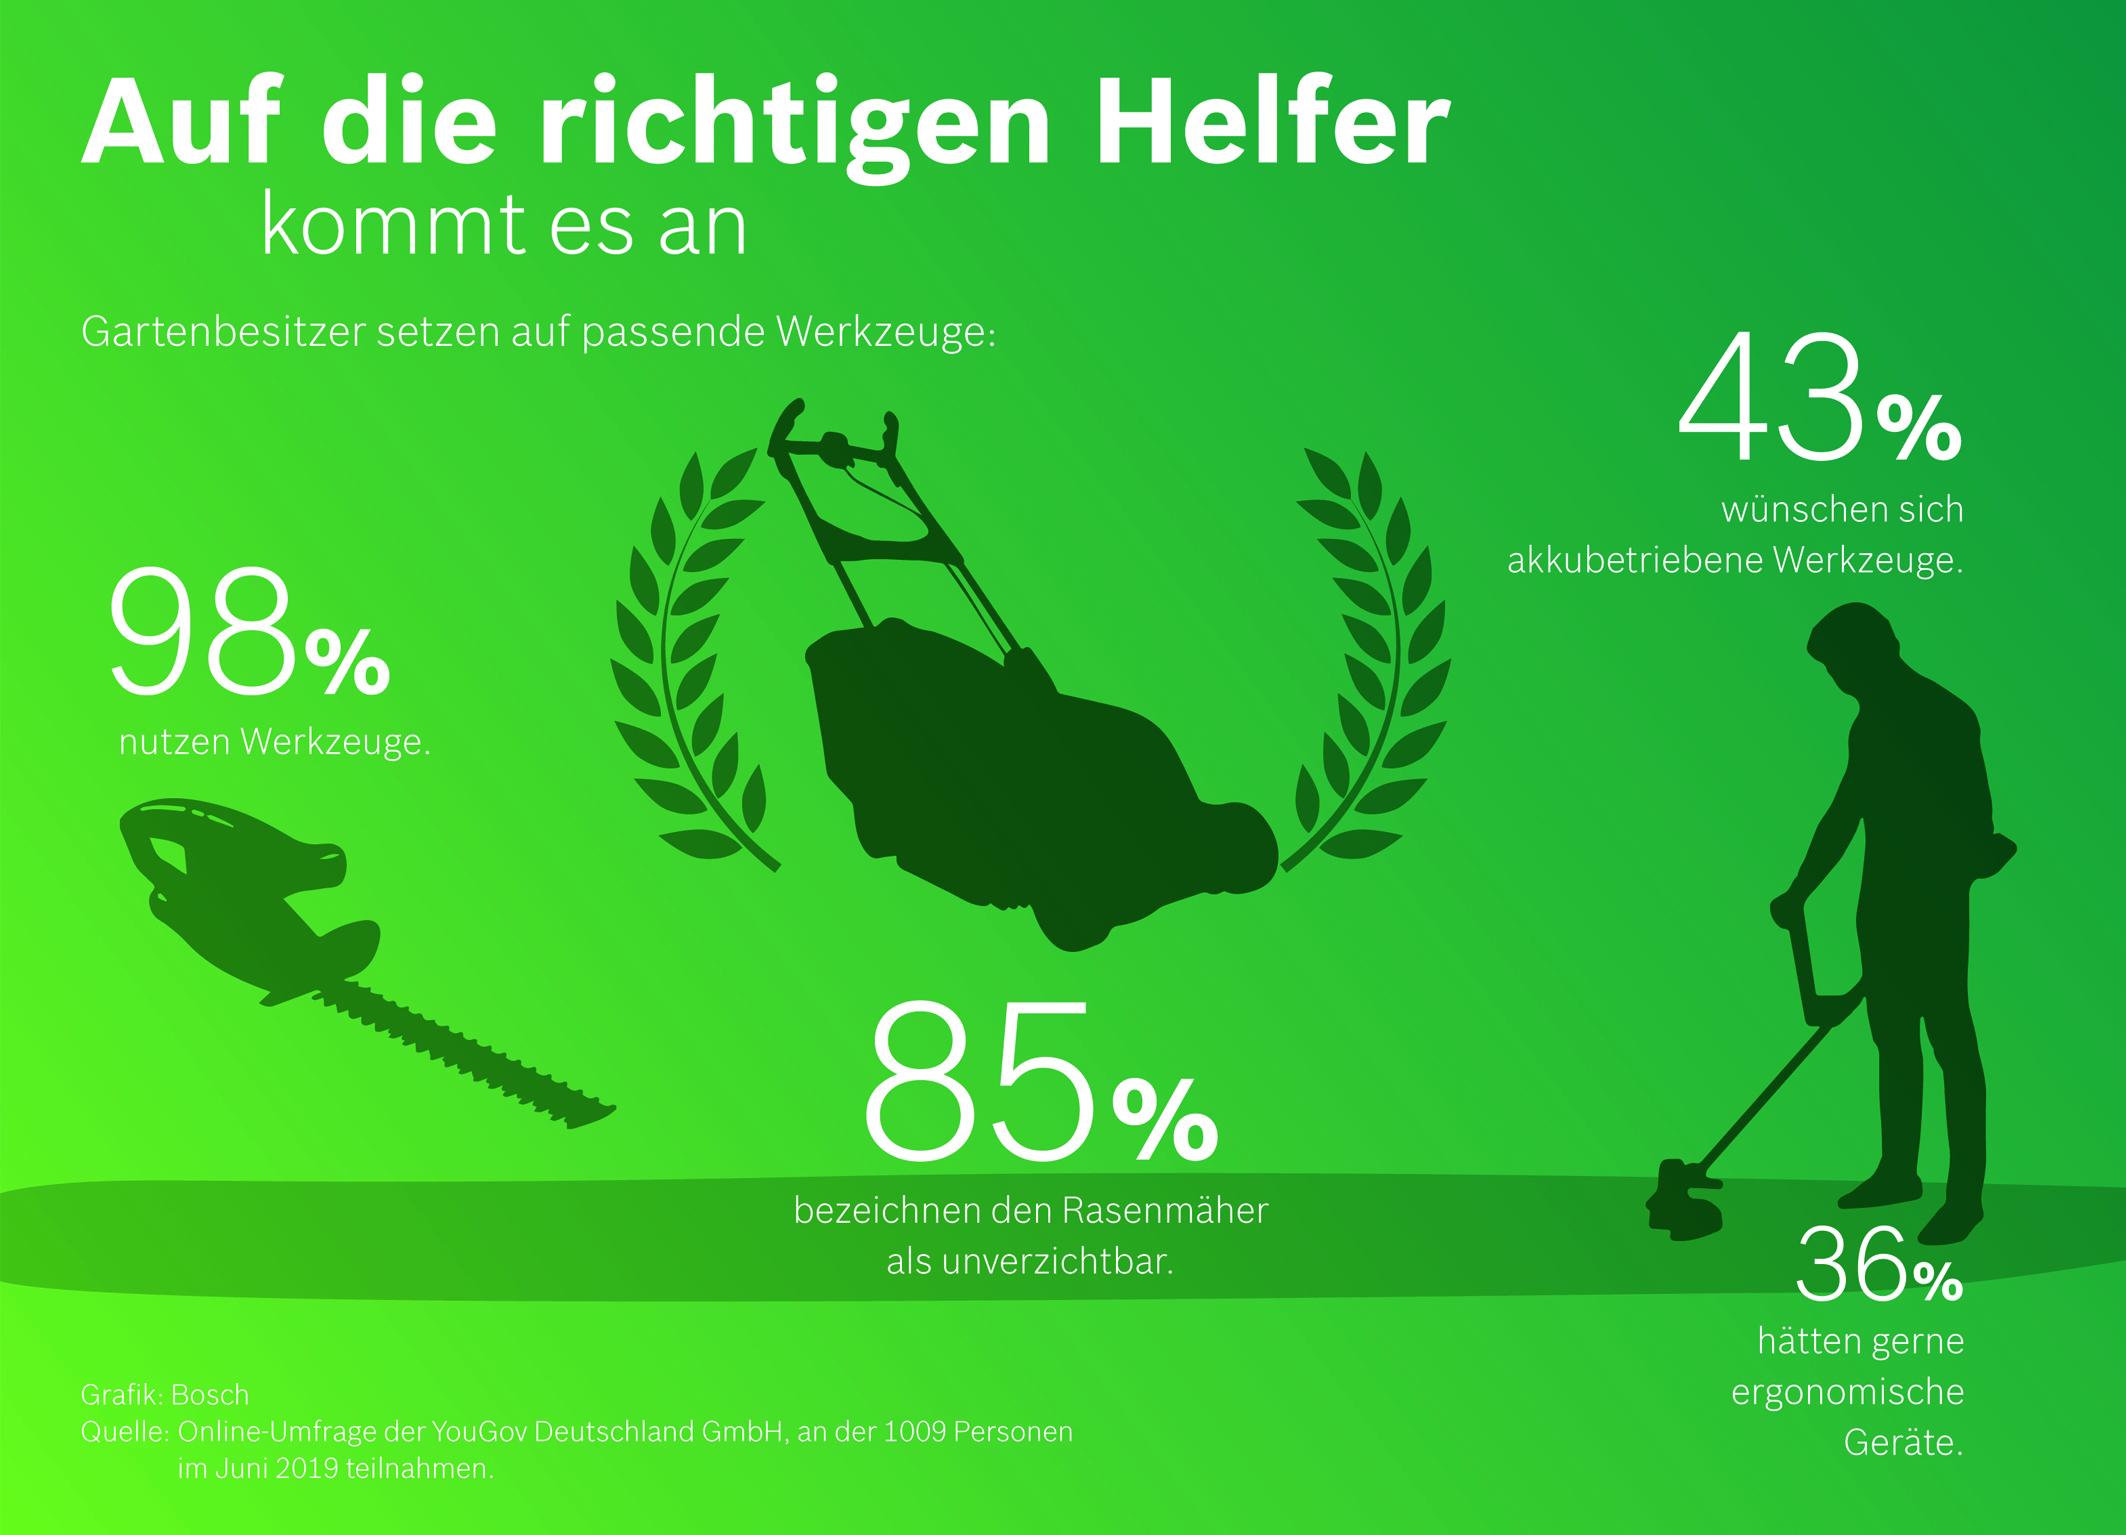 YouGov-Umfrage im Auftrag von Bosch Power Tools: Auf die richtigen Helfer kommt es bei der Gartenarbeit an